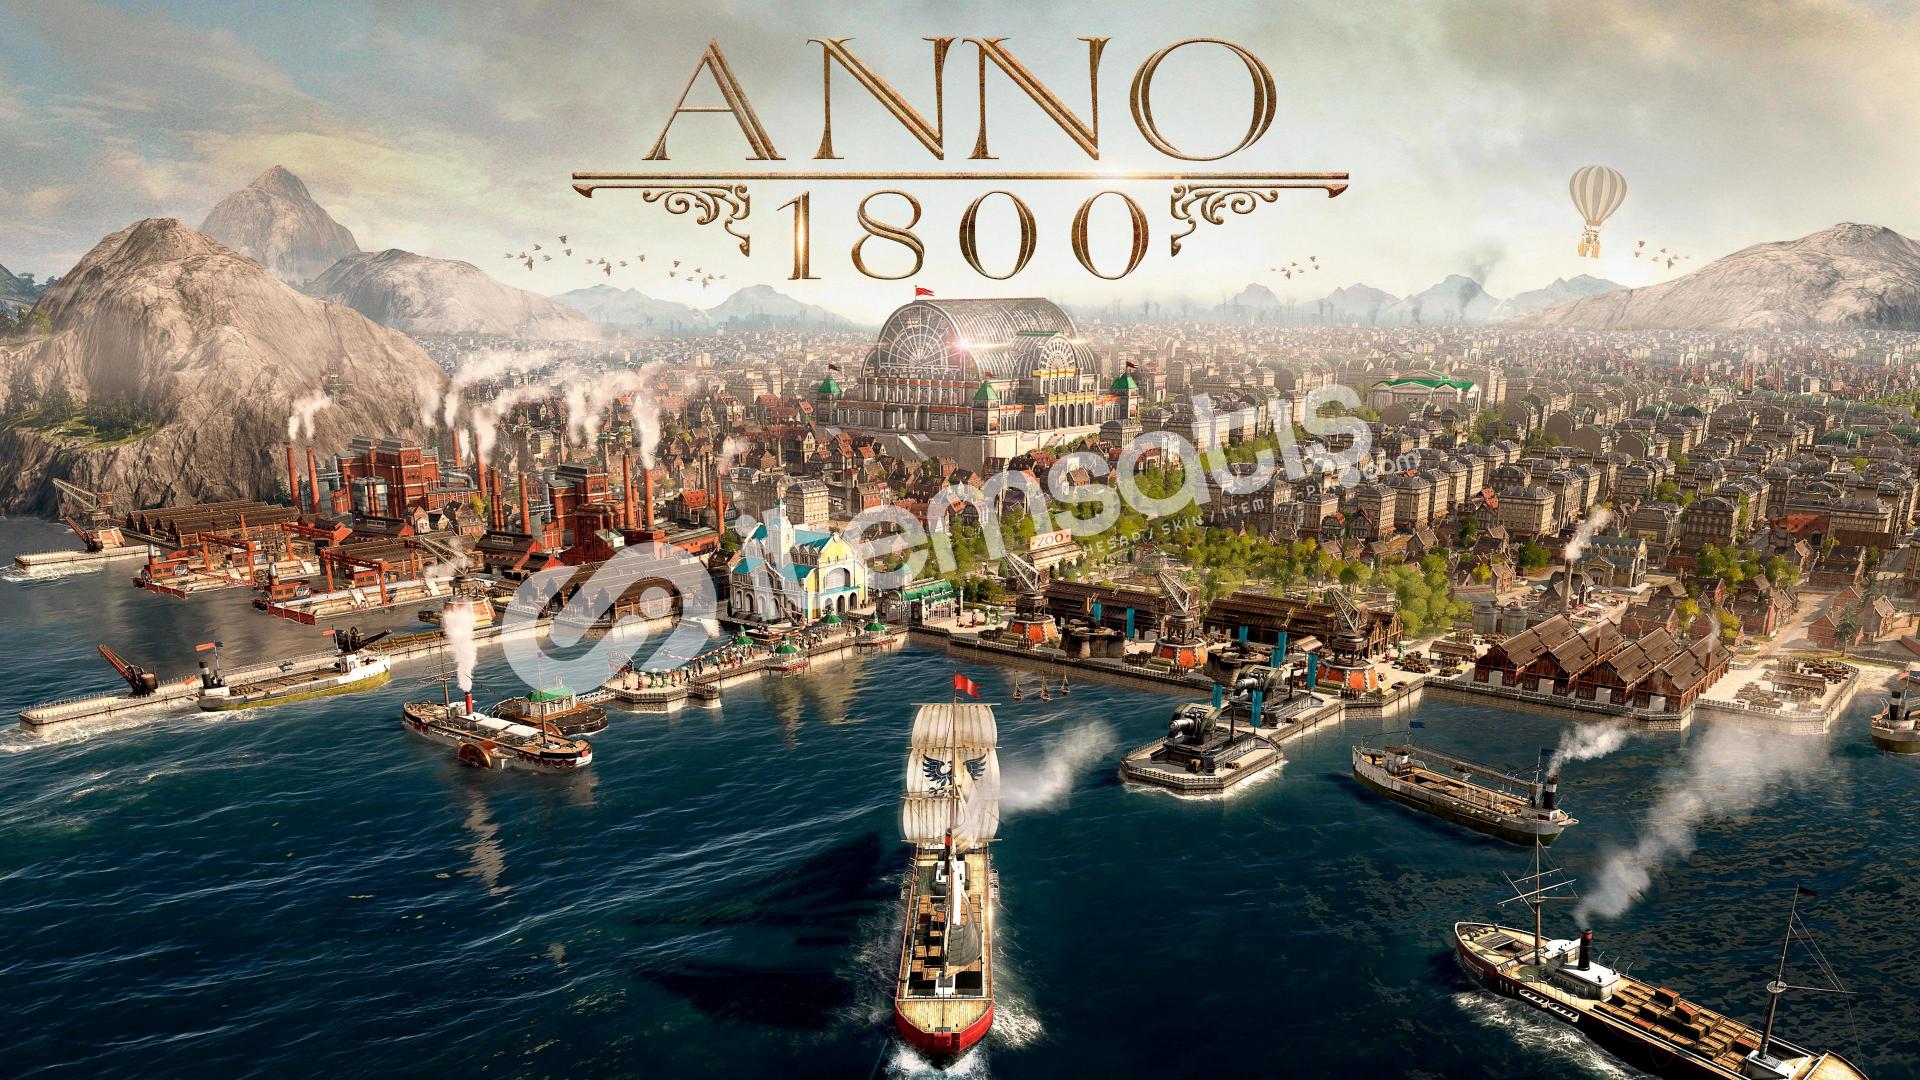 Anno 1800 + HEDİYE + GARANTİ + GEFORCE NOW DESTEKLER